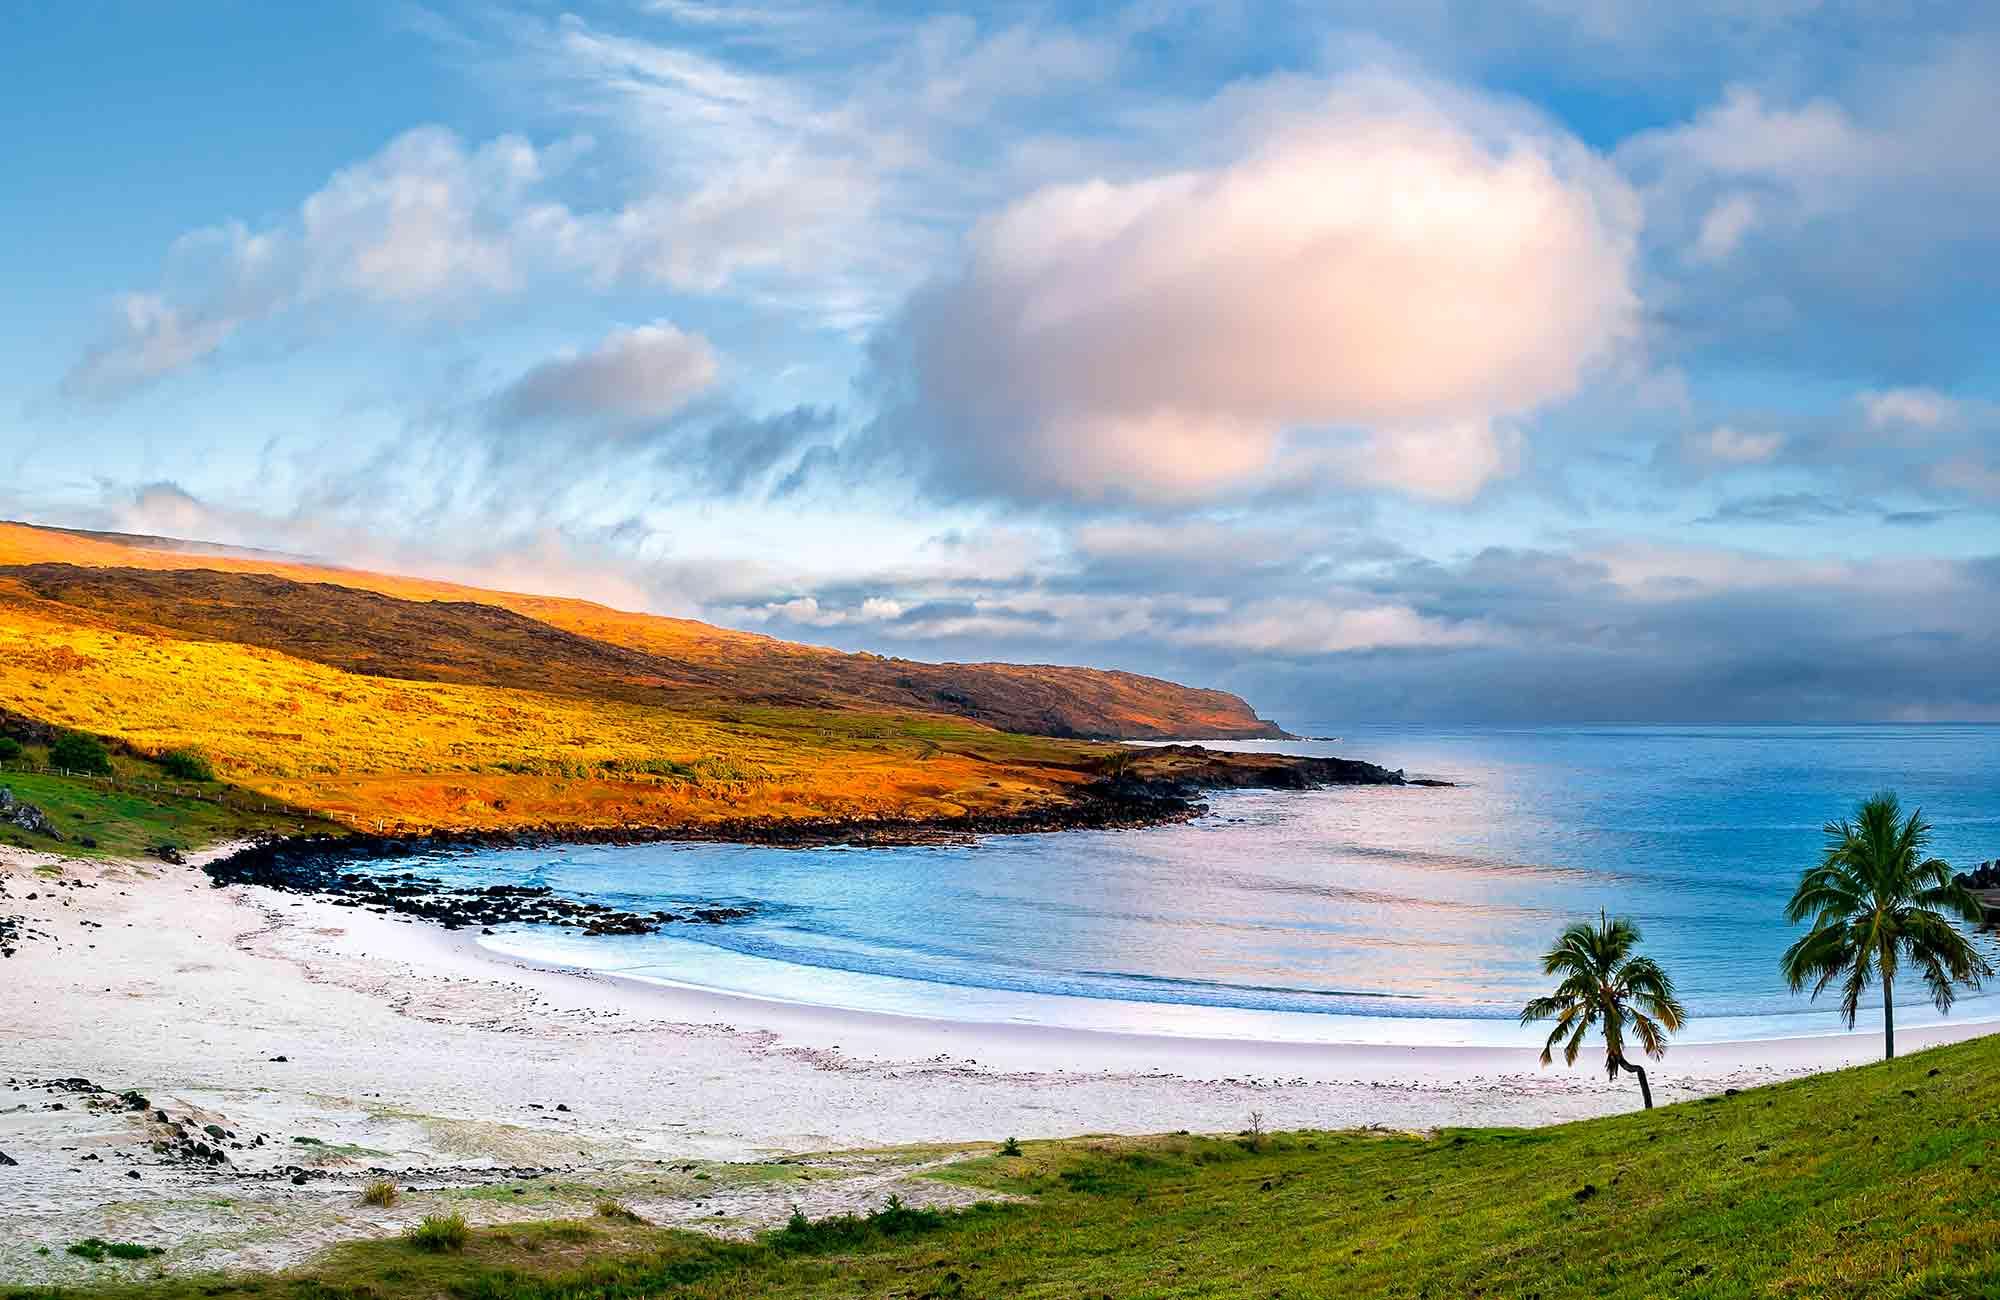 Voyage Ile de Pâques - Plage d'Anakena - Amplitudes